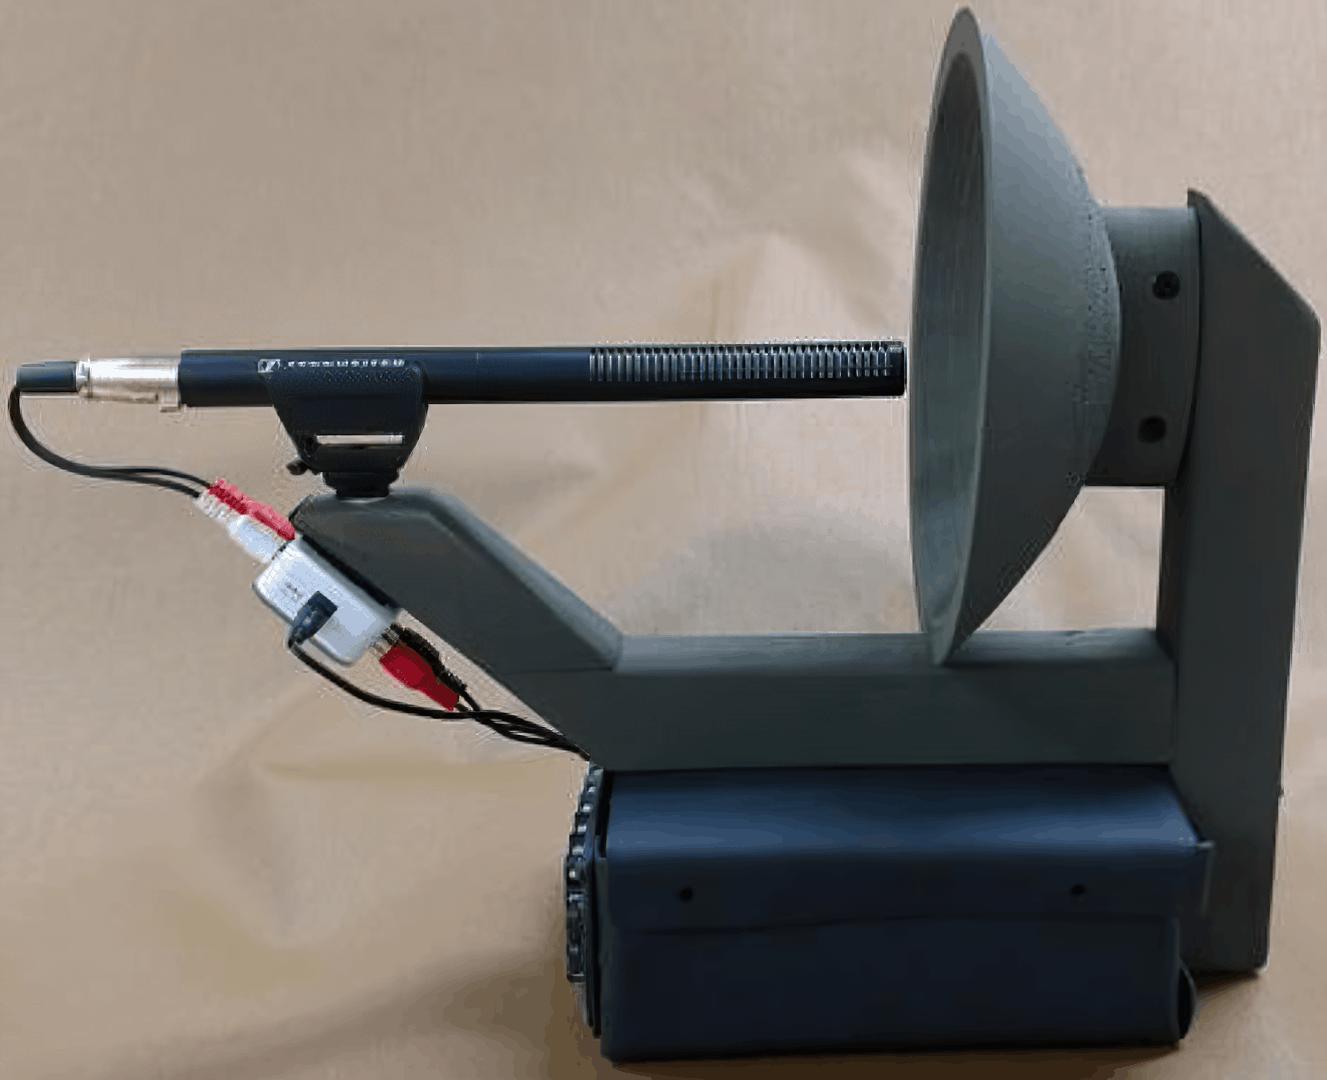 Ілюстрація звукового пристрою від інженера ВМФ США Крістофера Брауна